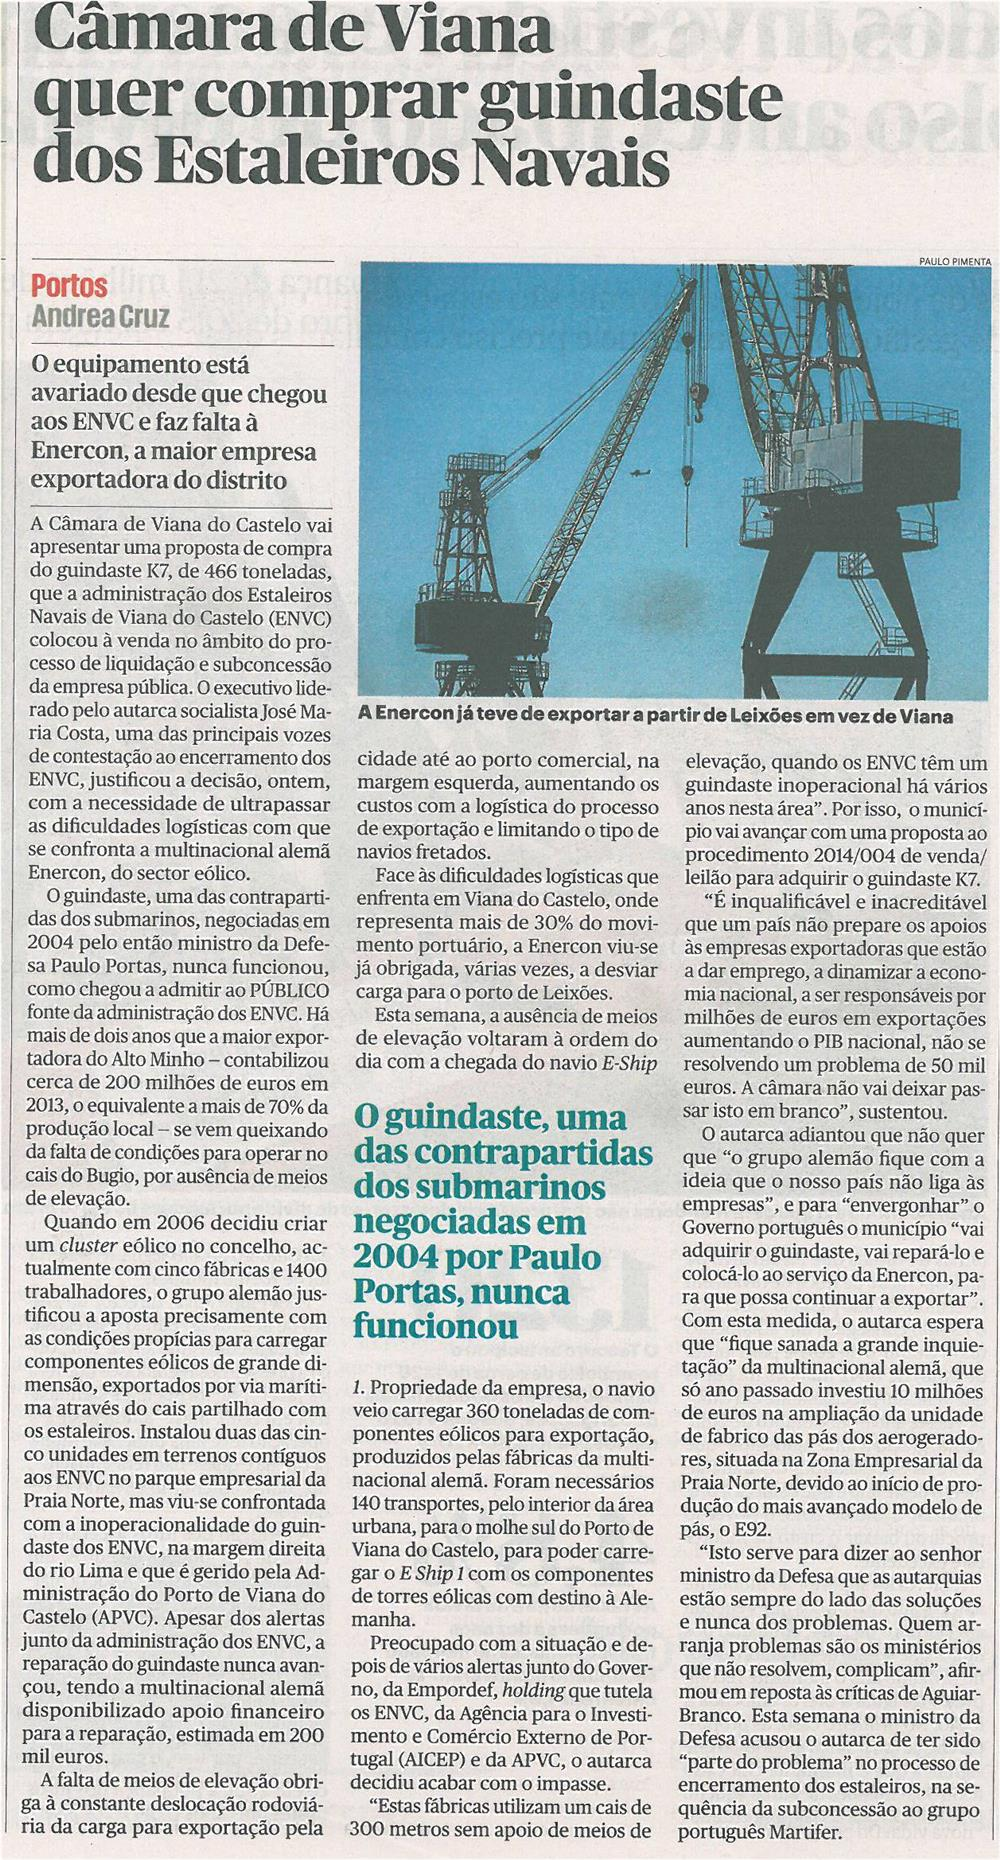 Público-28fev14-p13-Câmara de Viana quer comprar guindaste dos Estaleiros Navais